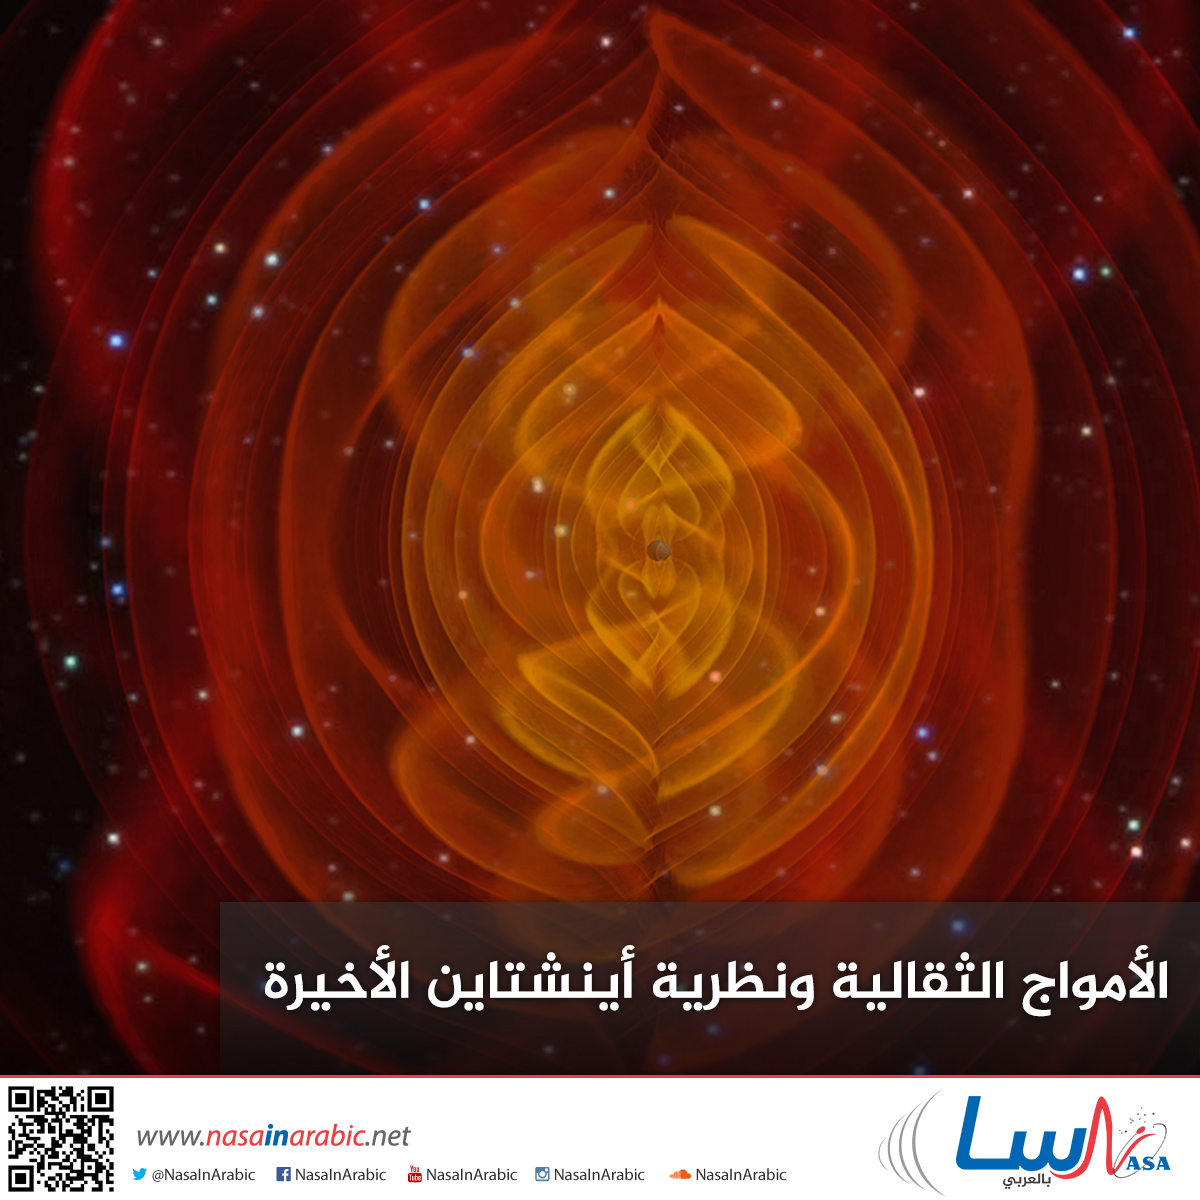 الامواج الثقالية ونظرية اينشتاين الاخيرة